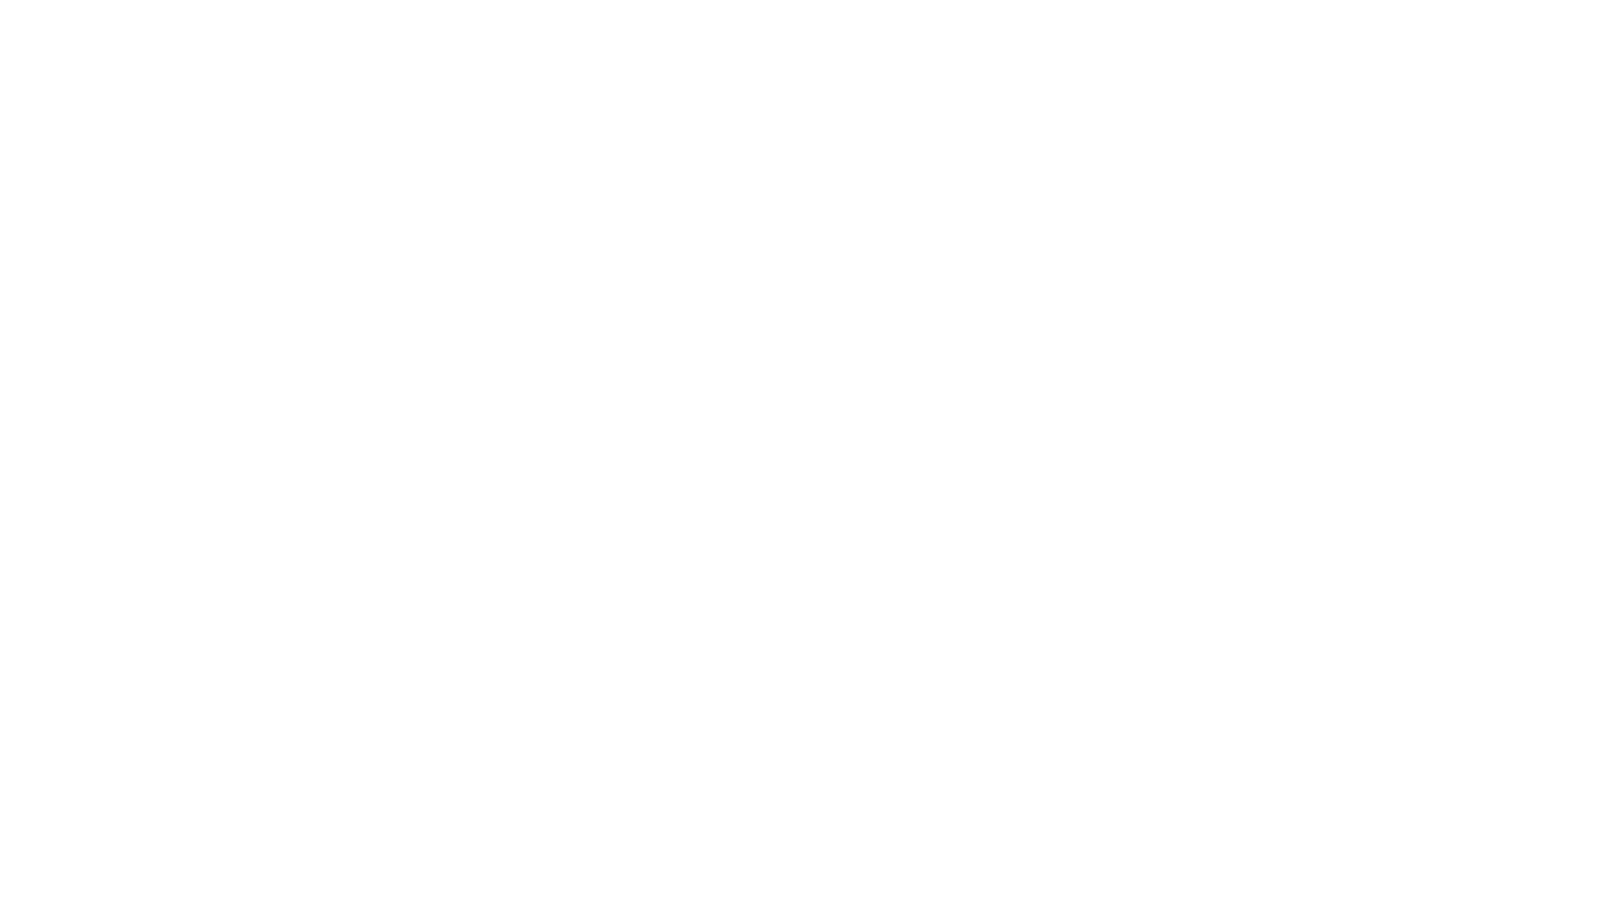 """GESÙ CRISTO, IL SIGNORE annuncia: """"ECCO, STO PER VENIRE e con me avrò la ricompensa da dare a ciascuno secondo le sue opere"""" (Apocalisse 22:12)  Quando GESÙ ritornerà, quelli che hanno CREDUTO in Lui, quelli che hanno confidato nel SUO SACRIFICIO compiuto sulla CROCE per il PERDONO dei loro peccati e la loro RICONCILIAZIONE e COMUNIONE con DIO saranno nella GIOIA; mentre per tutti gli altri non rimarrà che PIEGARSI davanti a Dio nel GIORNO DEL GIUDIZIO per essere CONDANNATI nel LUOGO di TORMENTI ETERNI (INFERNO), senza che ci sia alcuna possibilità di rimedio in qualsiasi forma.  Per questo è necessario essere accettare L'ACCORDO di PACE che GESÙ ci sta offrendo OGGI, e per il quale HA PAGATO EGLI STESSO L'INTERO PREZZO con LA SUA MORTE SULLA CROCE.  Questo è L'UNICO MODO per vivere L'ATTESA del SUO RITORNO con SPERANZA e PIENA FIDUCIA mentre continuiamo ad ESSERE TRASFORMATI giorno dopo giorno mediante LA POTENZA DEL SUO VANGELO e DEL SUO SPIRITO di GRAZIA, AMORE, GIUSTIZIA e SANTITÀ, per LA GLORIA DEL SUO NOME...  https://www.chiesailperugino.it/"""